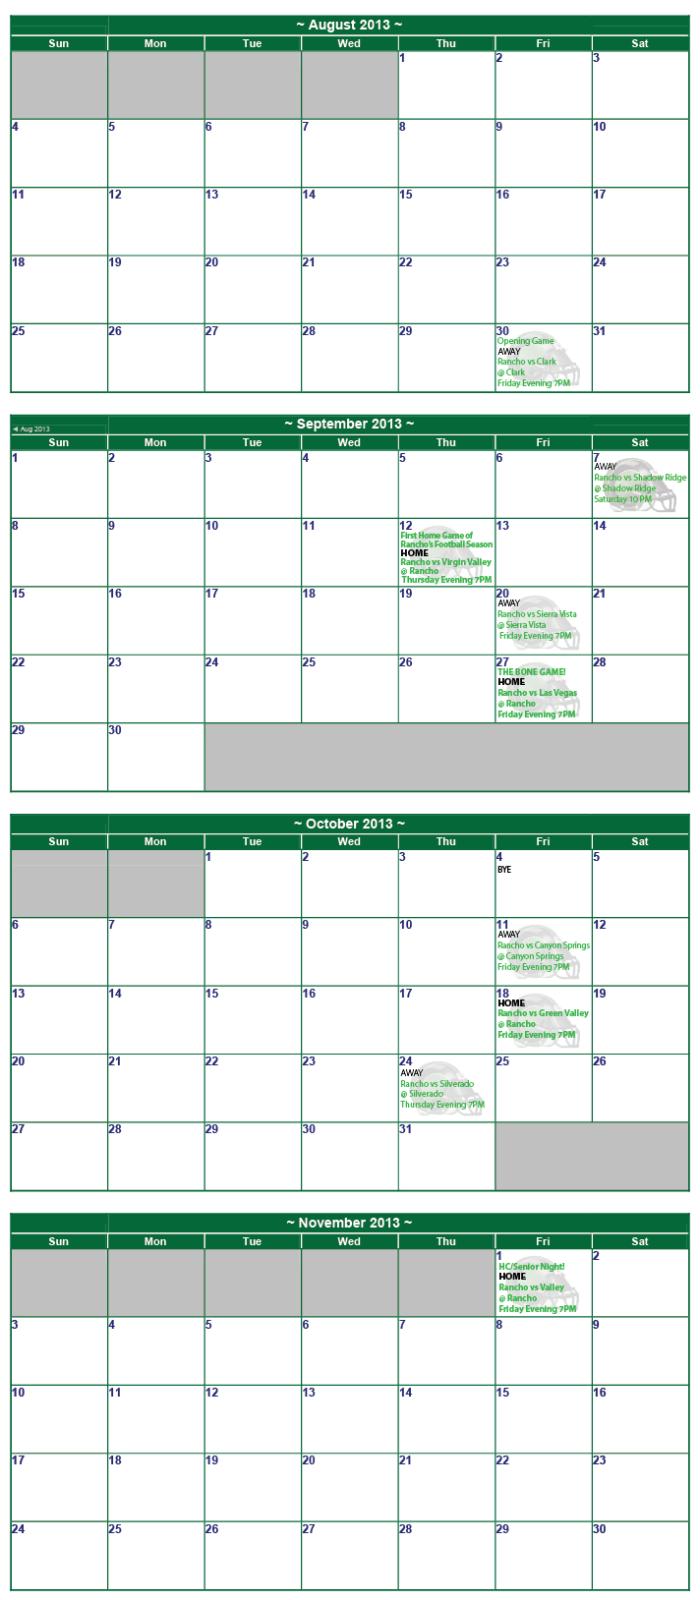 alpf_calendar